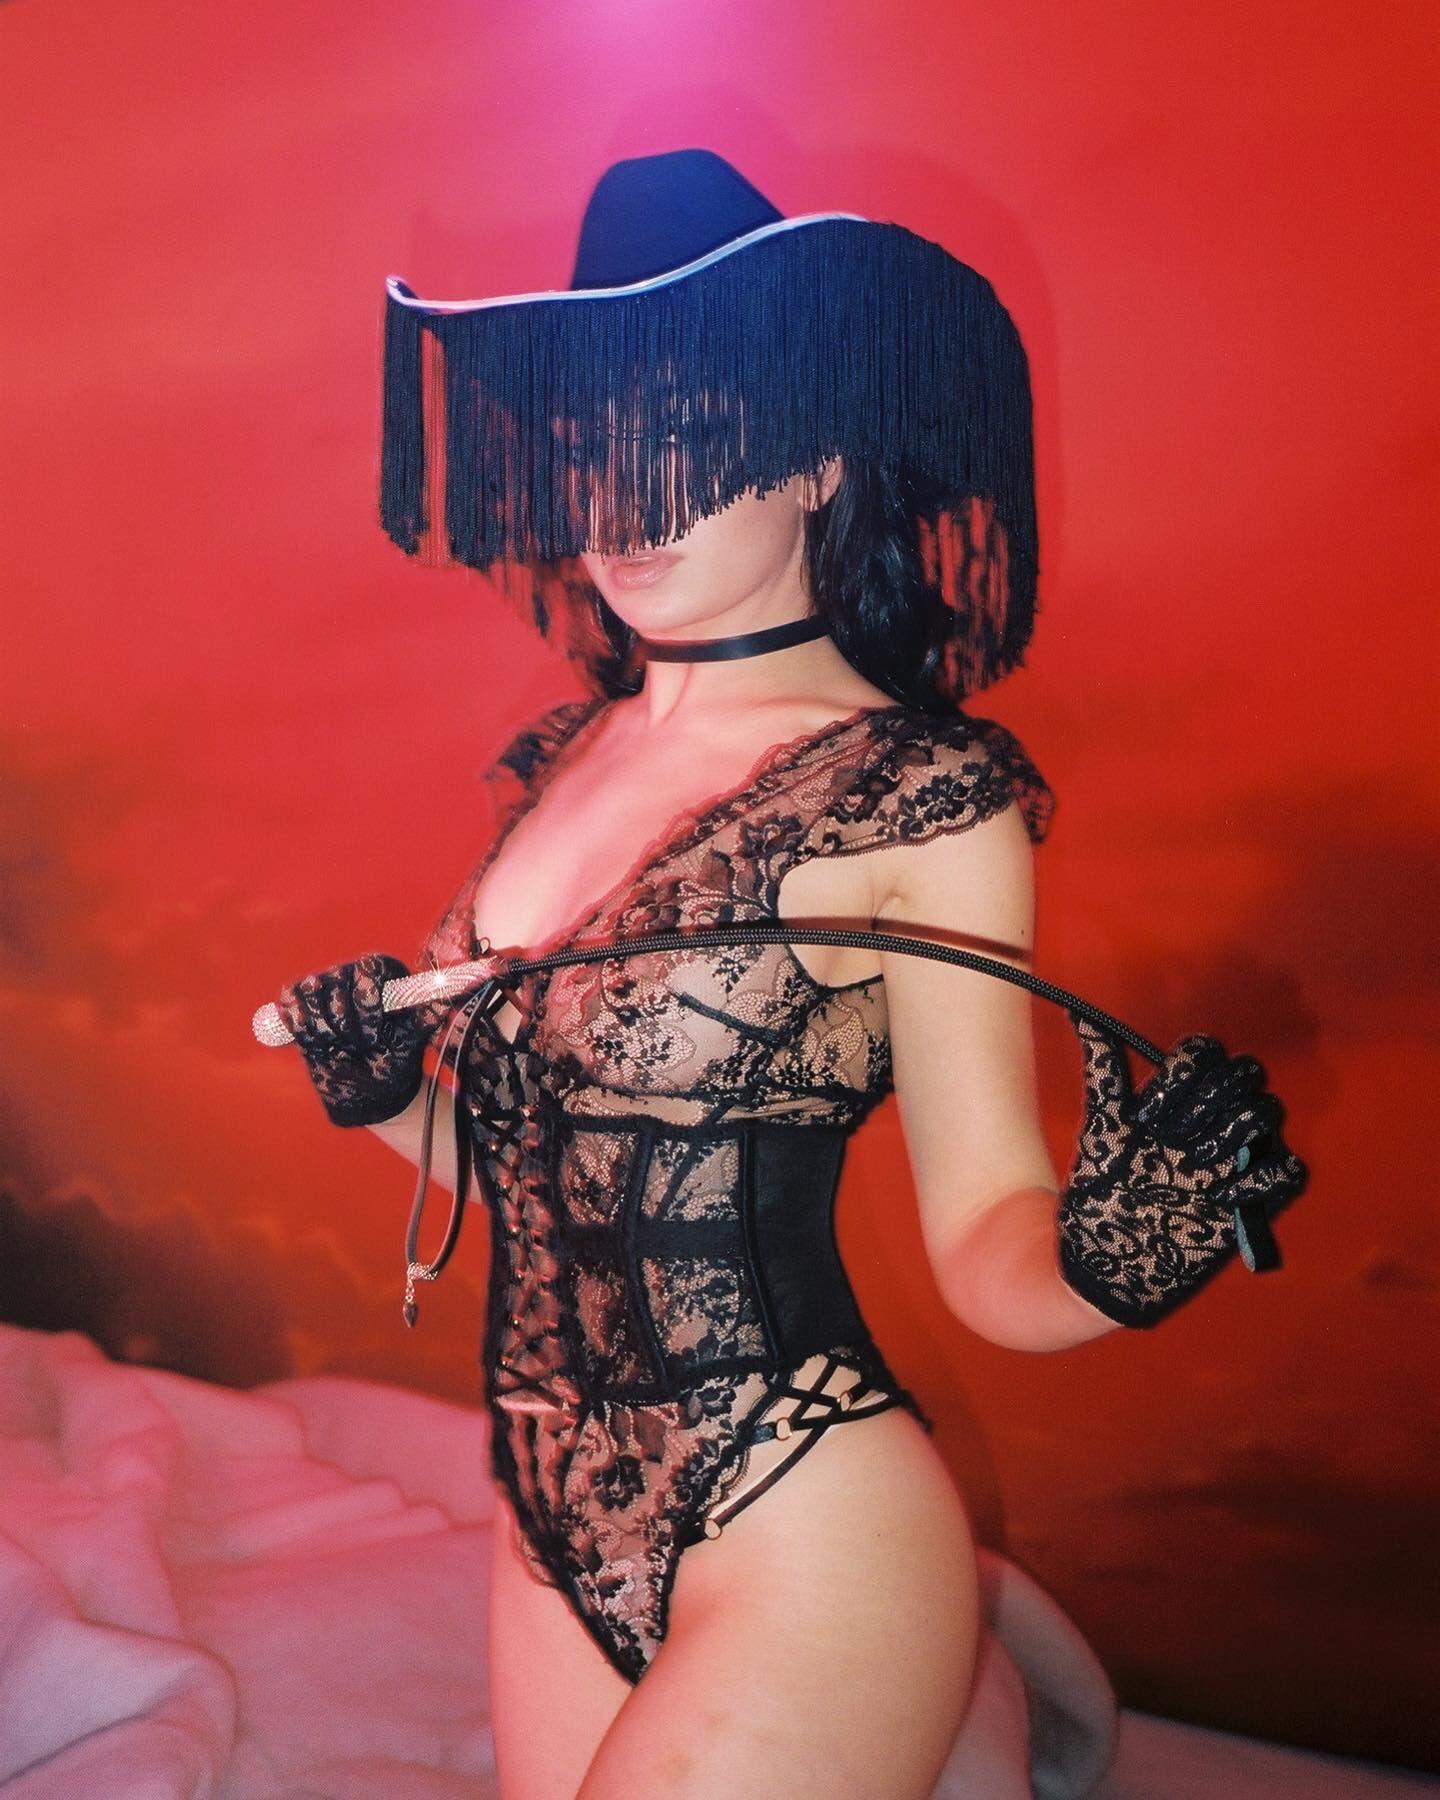 Charli Xcx Sheer Black Lingerie